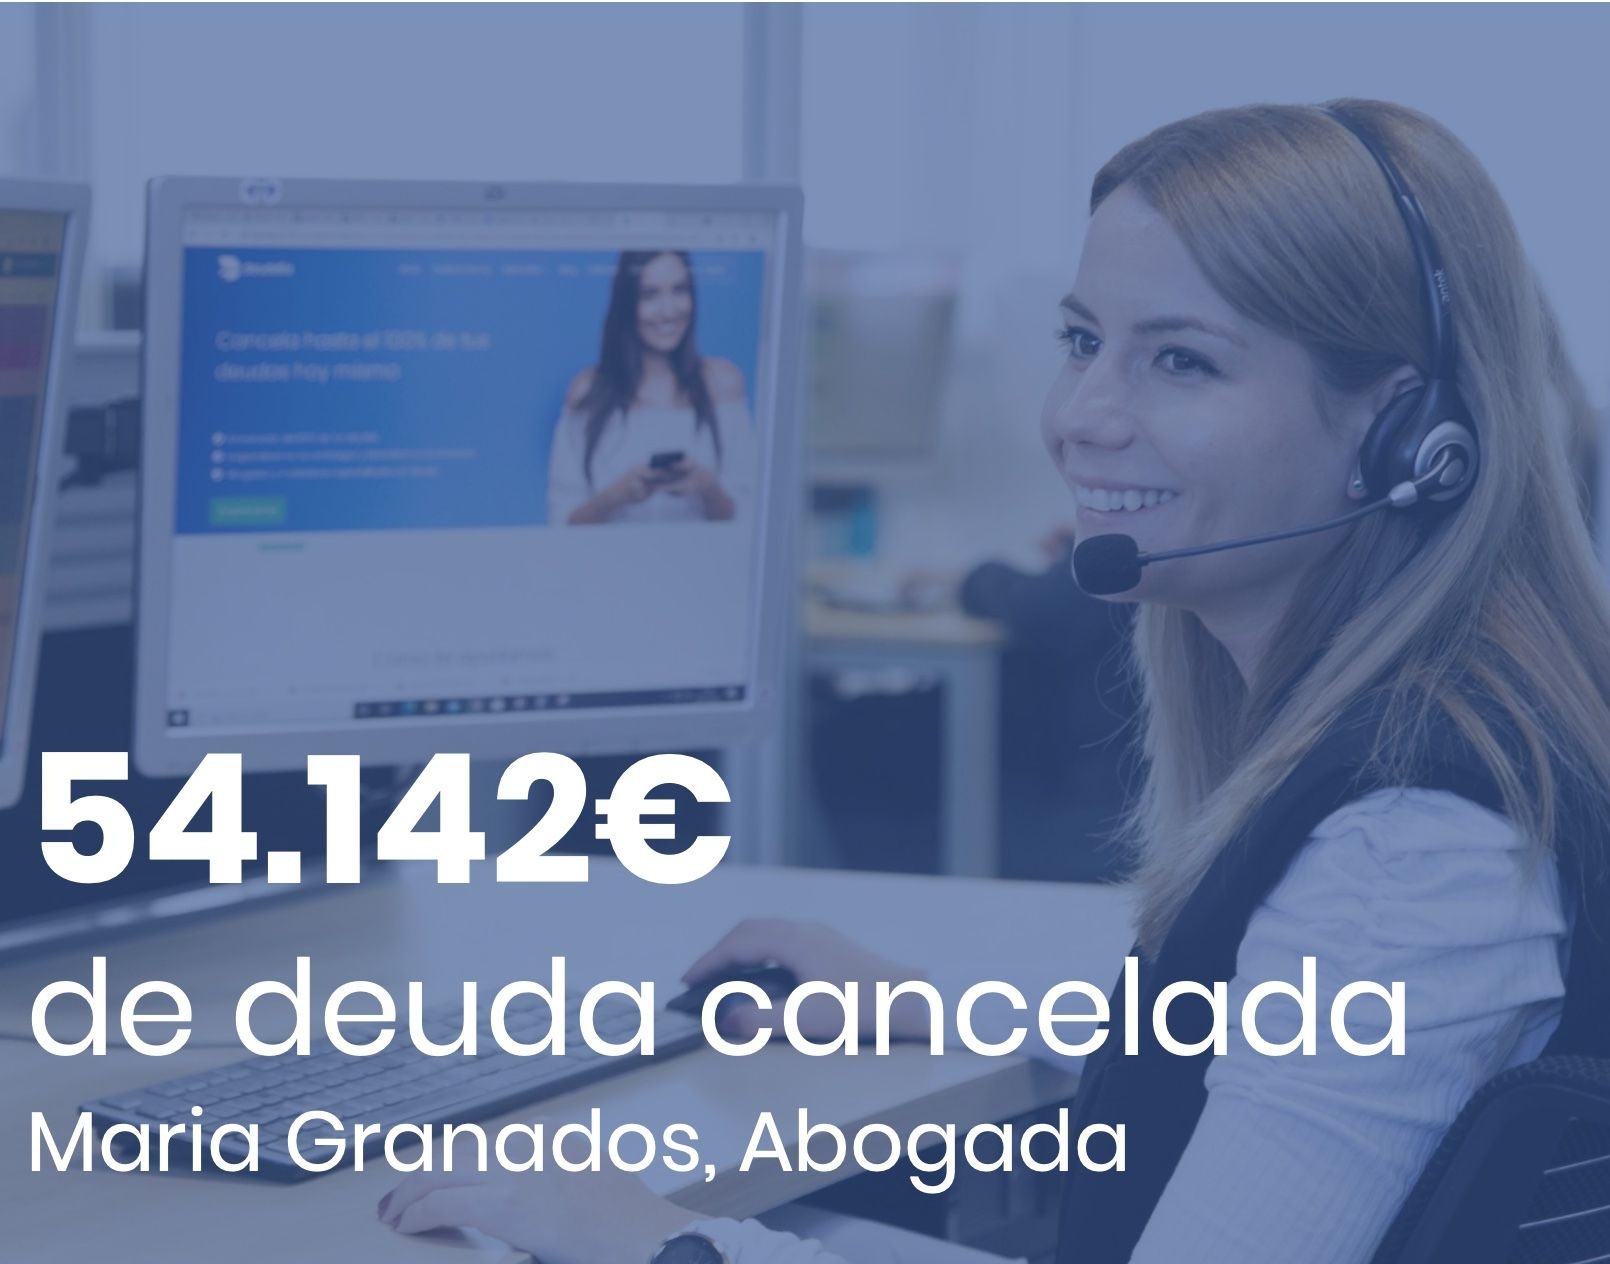 Deudafix Abogados cancela 54.142 €, incluyendo 18.081 € con BBVA, con la Ley de Segunda Oportunidad